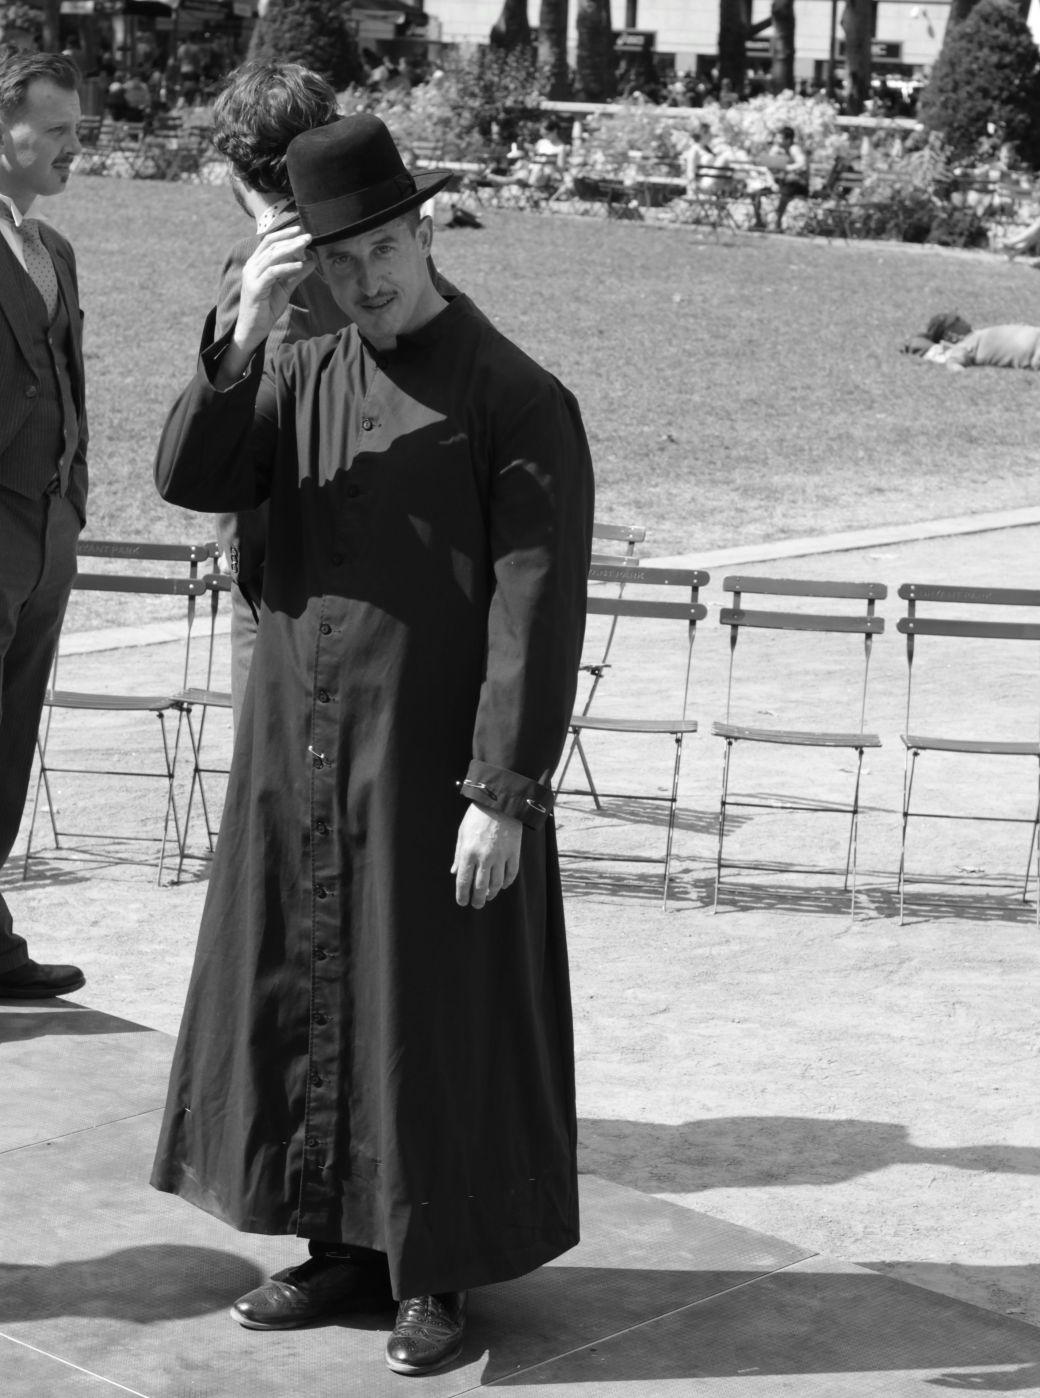 new york city bryant park performer hat black white